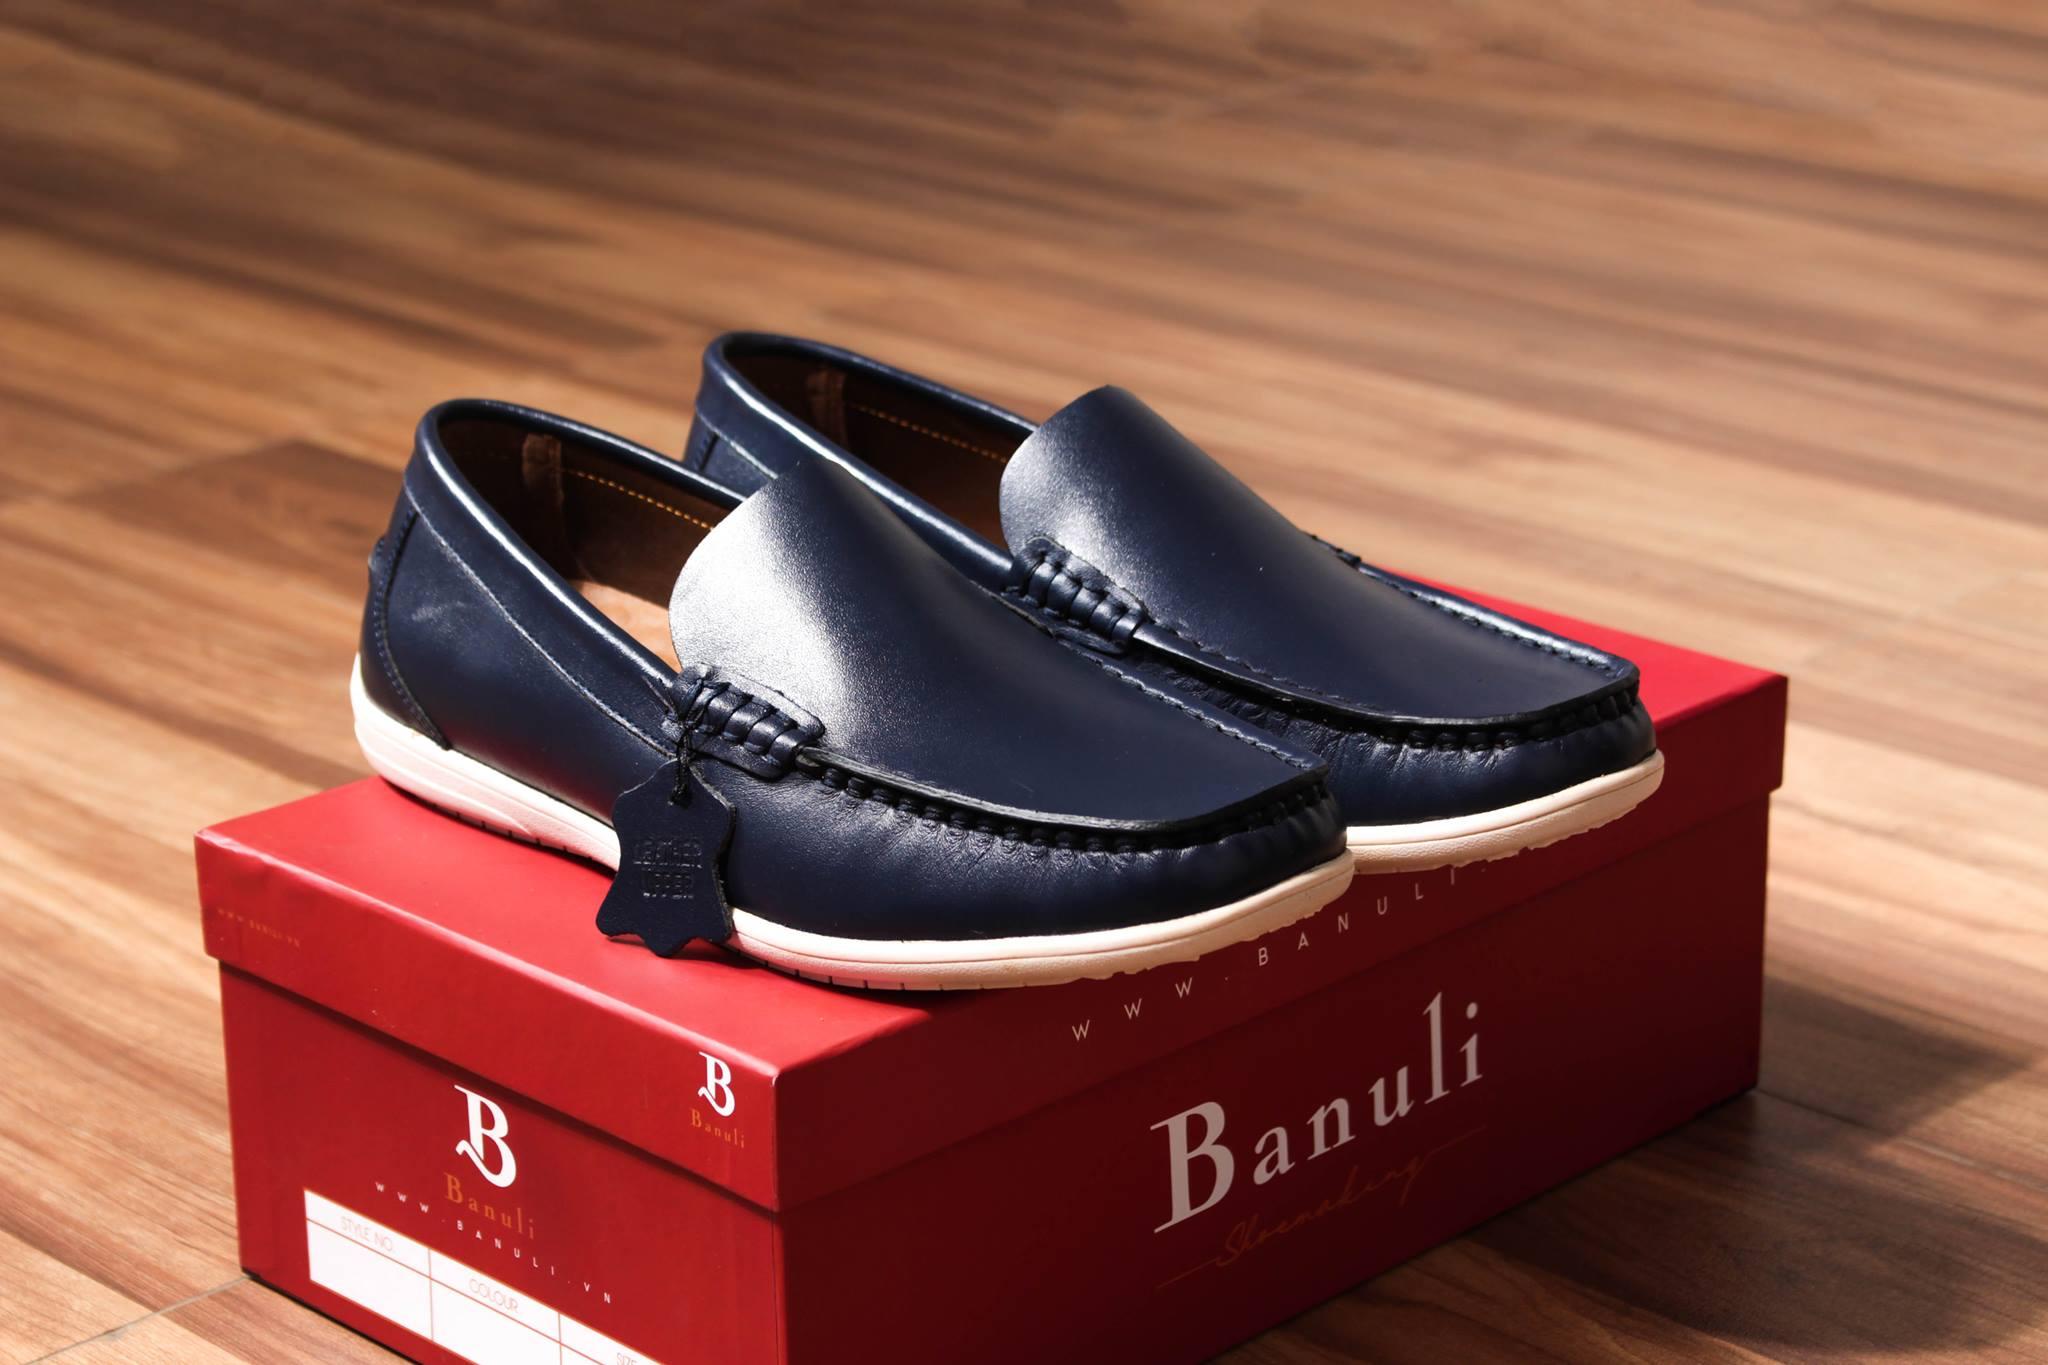 Giày nam cao cấp chính hãng BANULI, kiểu giày lười C5DL1T0 da bò thật đế cao su tự nhiên